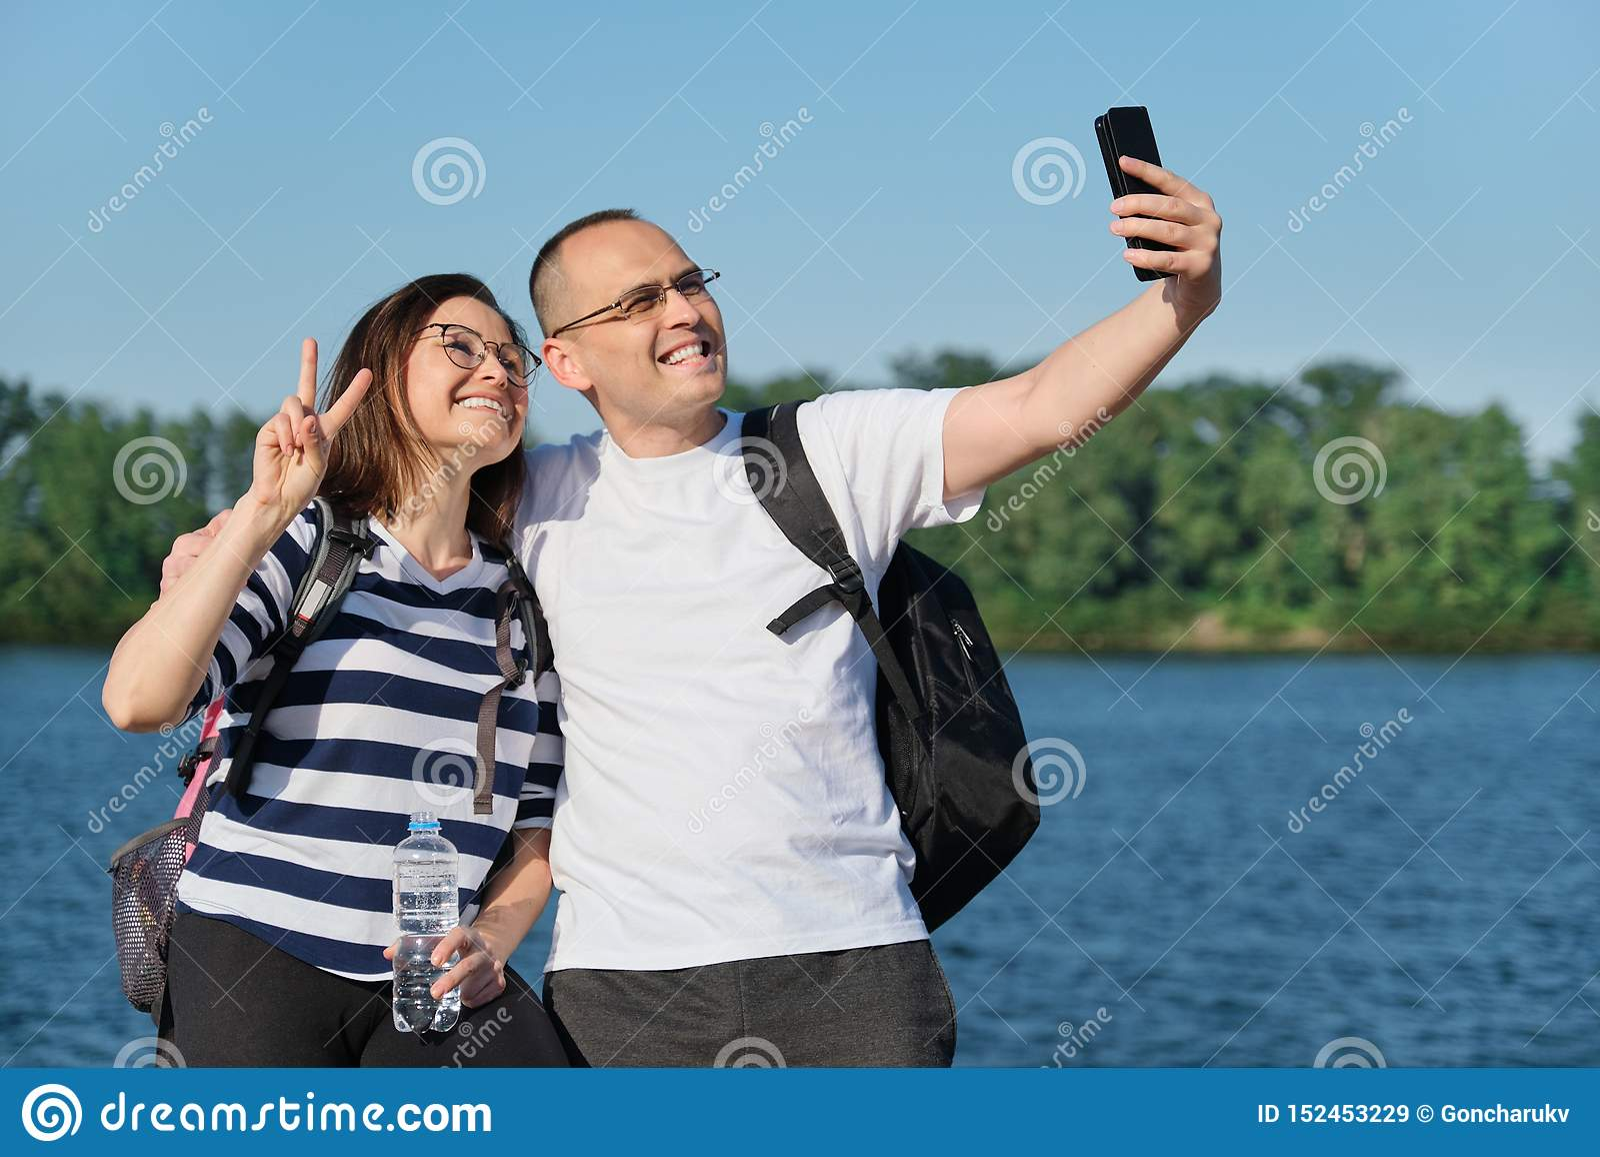 Rijp gelukkig paar die selfie foto op telefoon nemen, mensen die dichtbij rivier in het park van de de zomeravond ontspannen